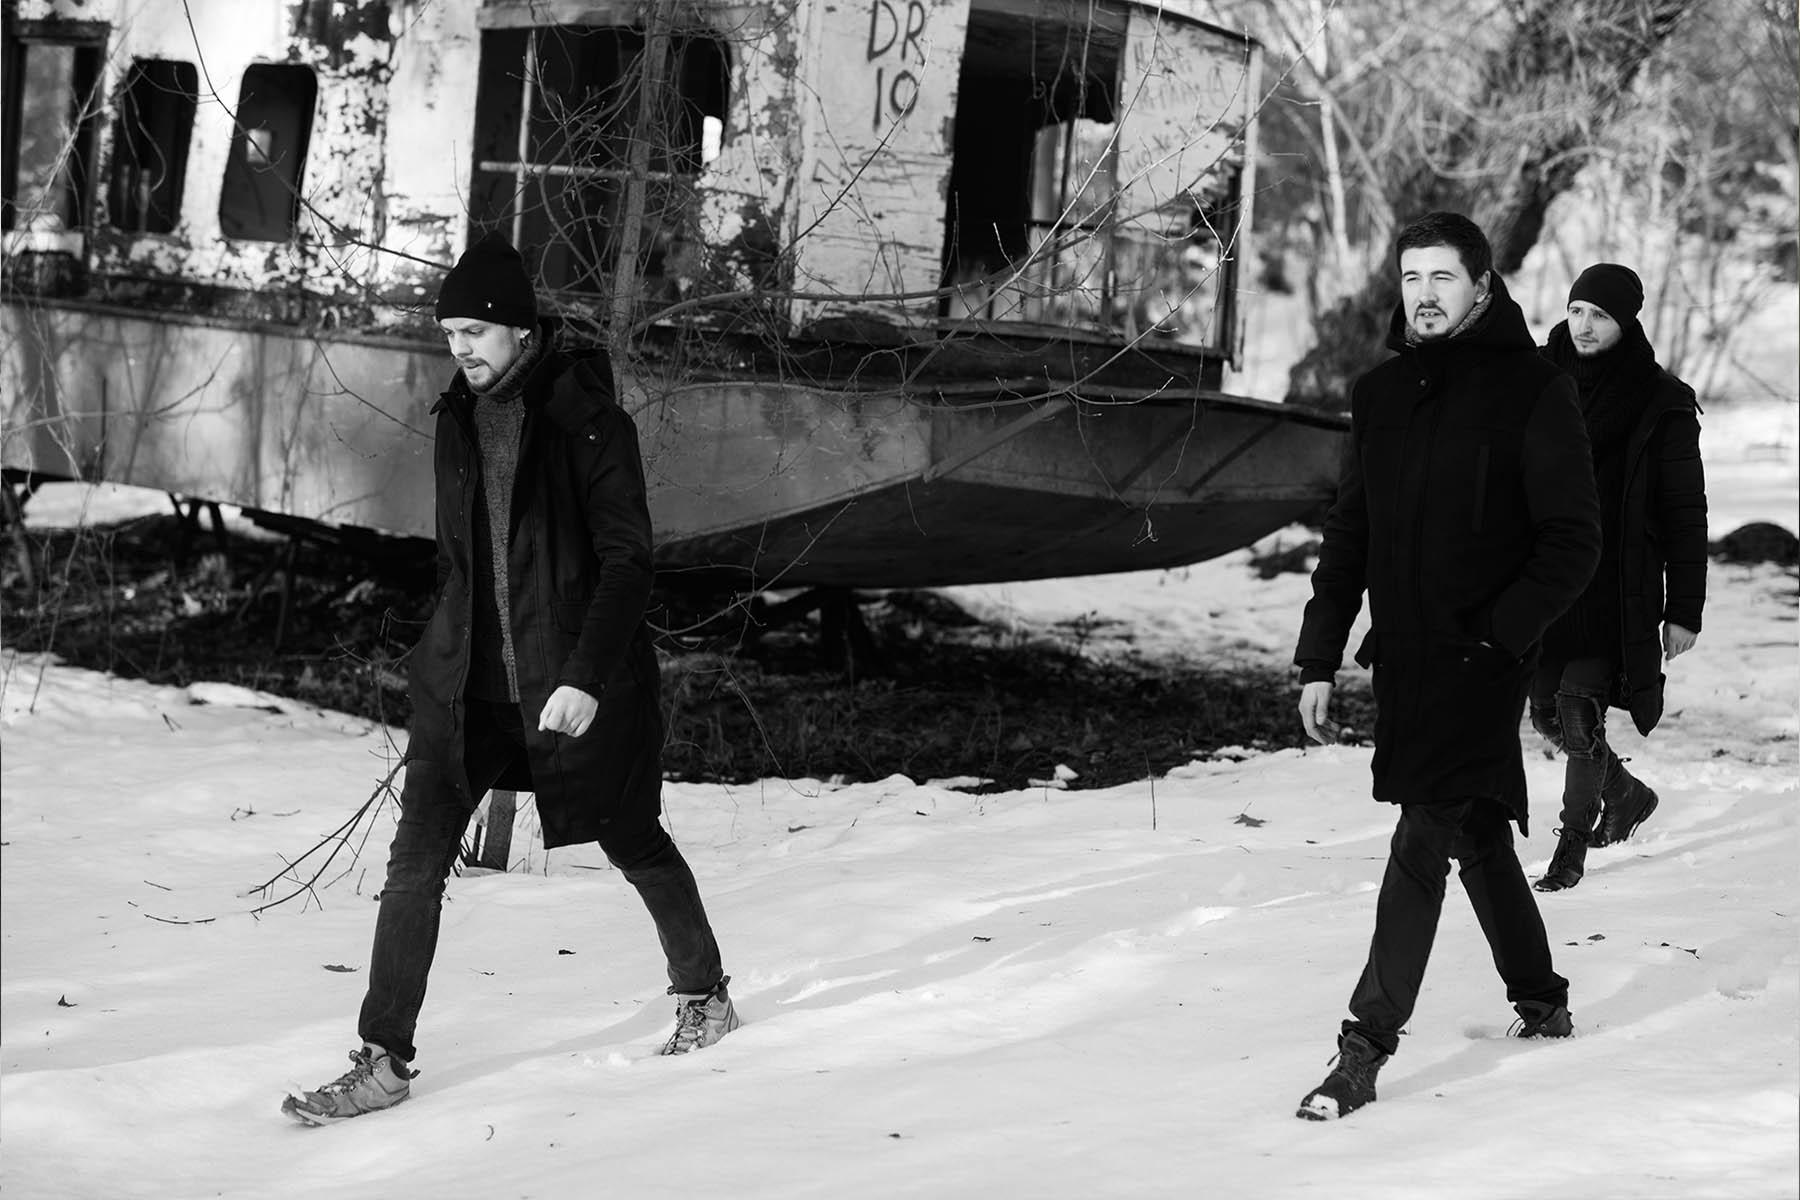 kanoe Магія образів і процес відтворення світів. Юра Самовілов презентував нове відео на пісню «Каное» — UA MUSIC | Енциклопедія української музики